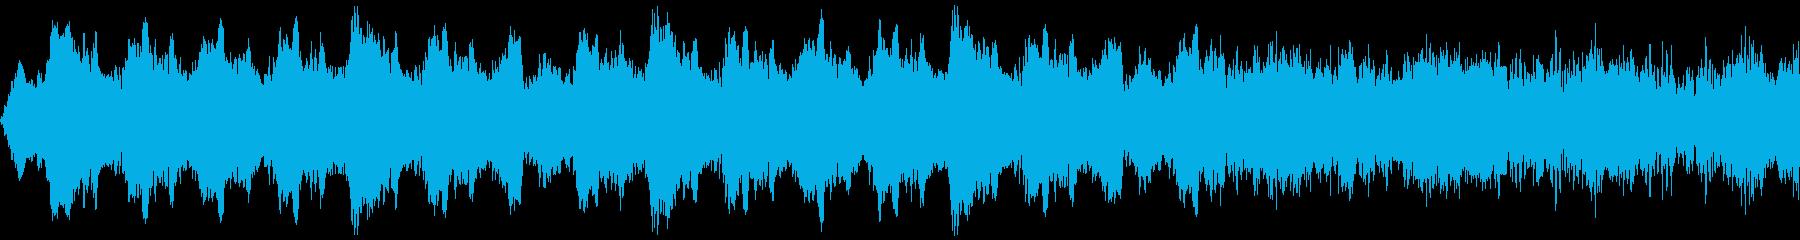 得体のしれない怪しいホラーBGM(短い)の再生済みの波形